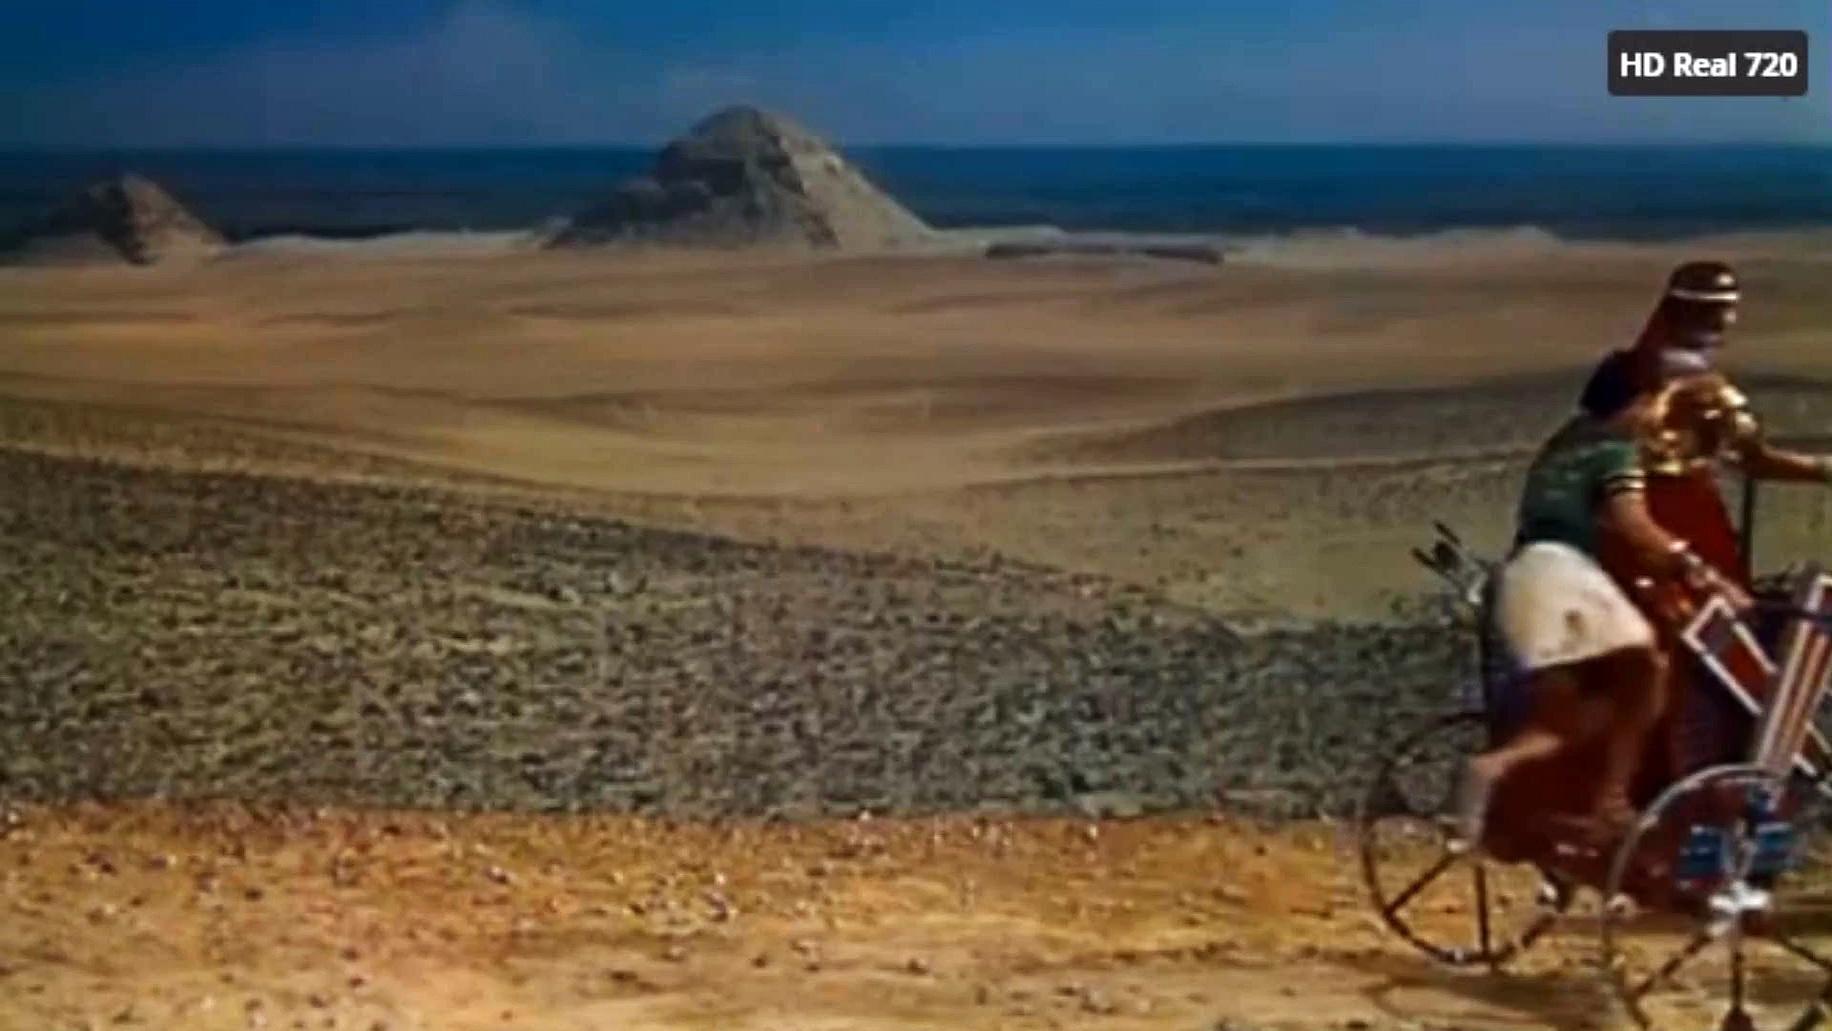 Los Diez Mandamientos (1956) - Doblaje Latino Moisés en el desierto